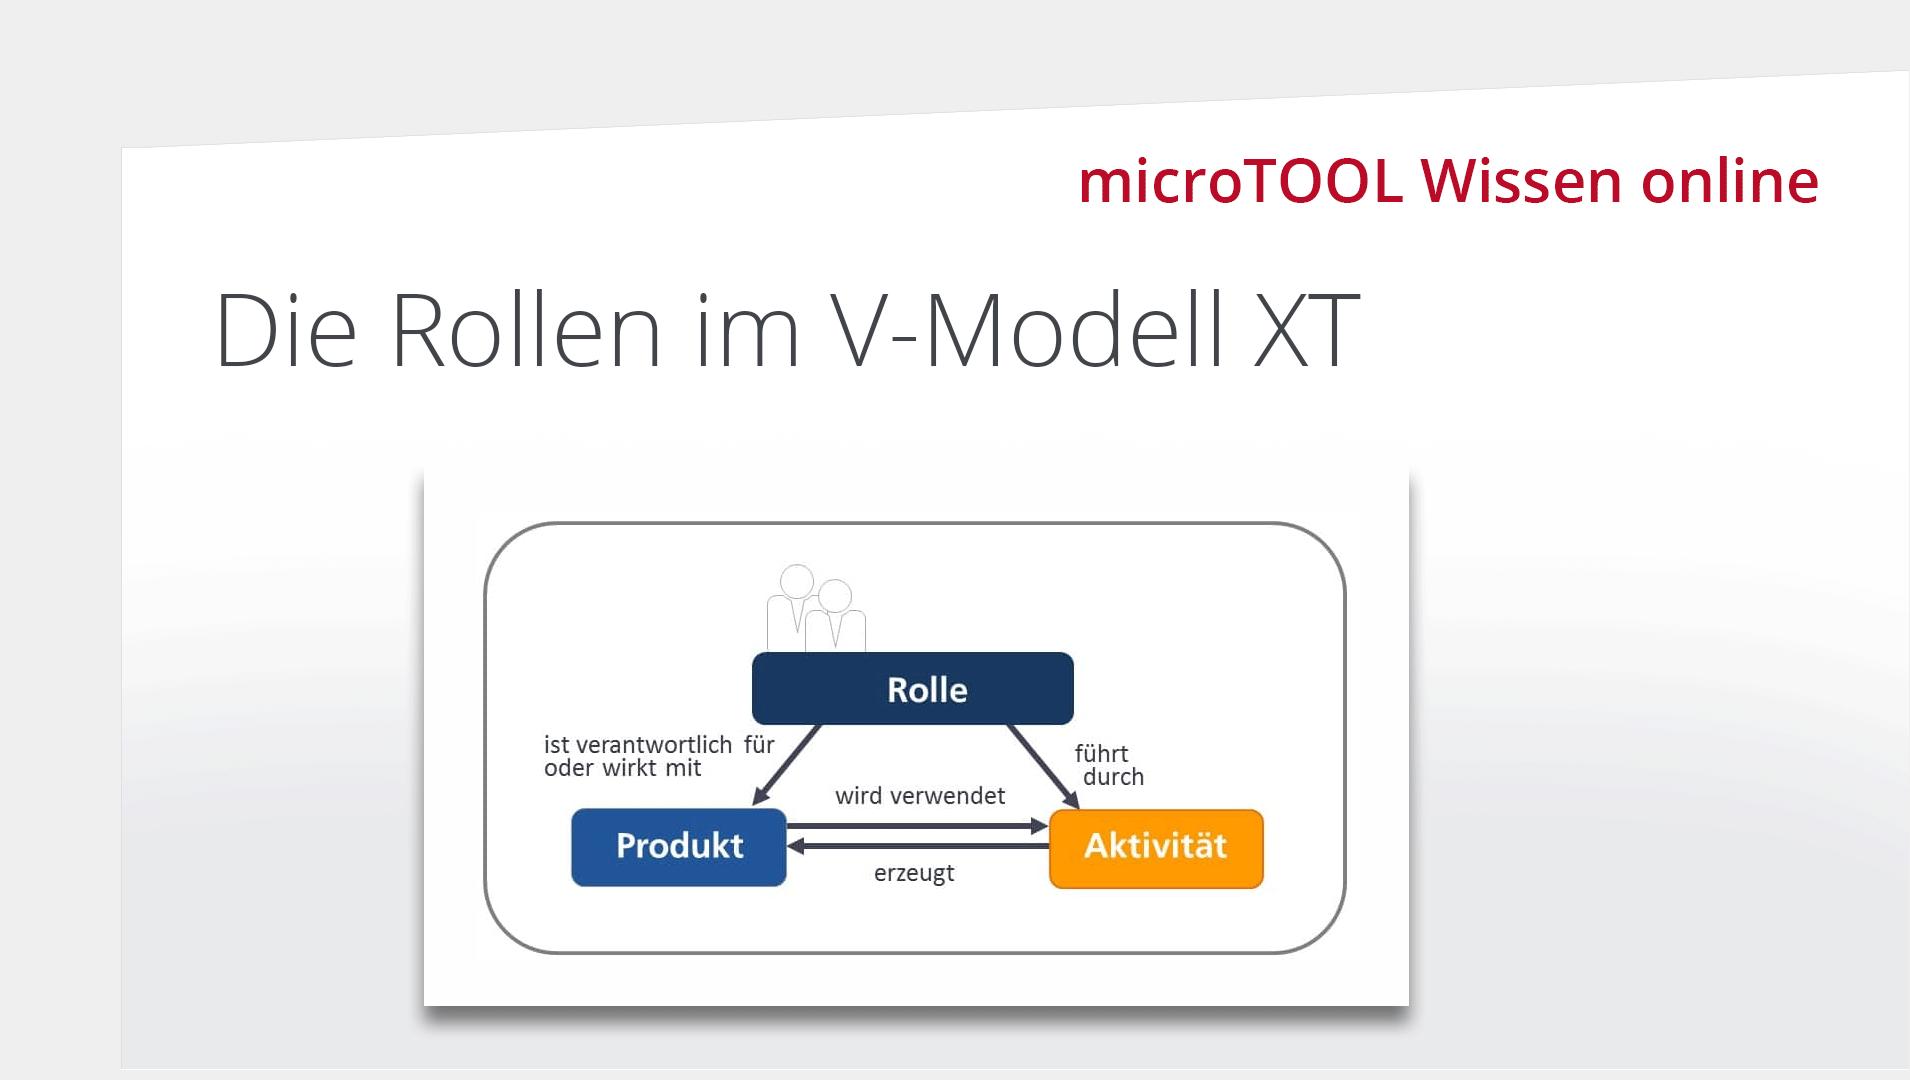 Wissen online: Die Rollen im V-Modell-XT